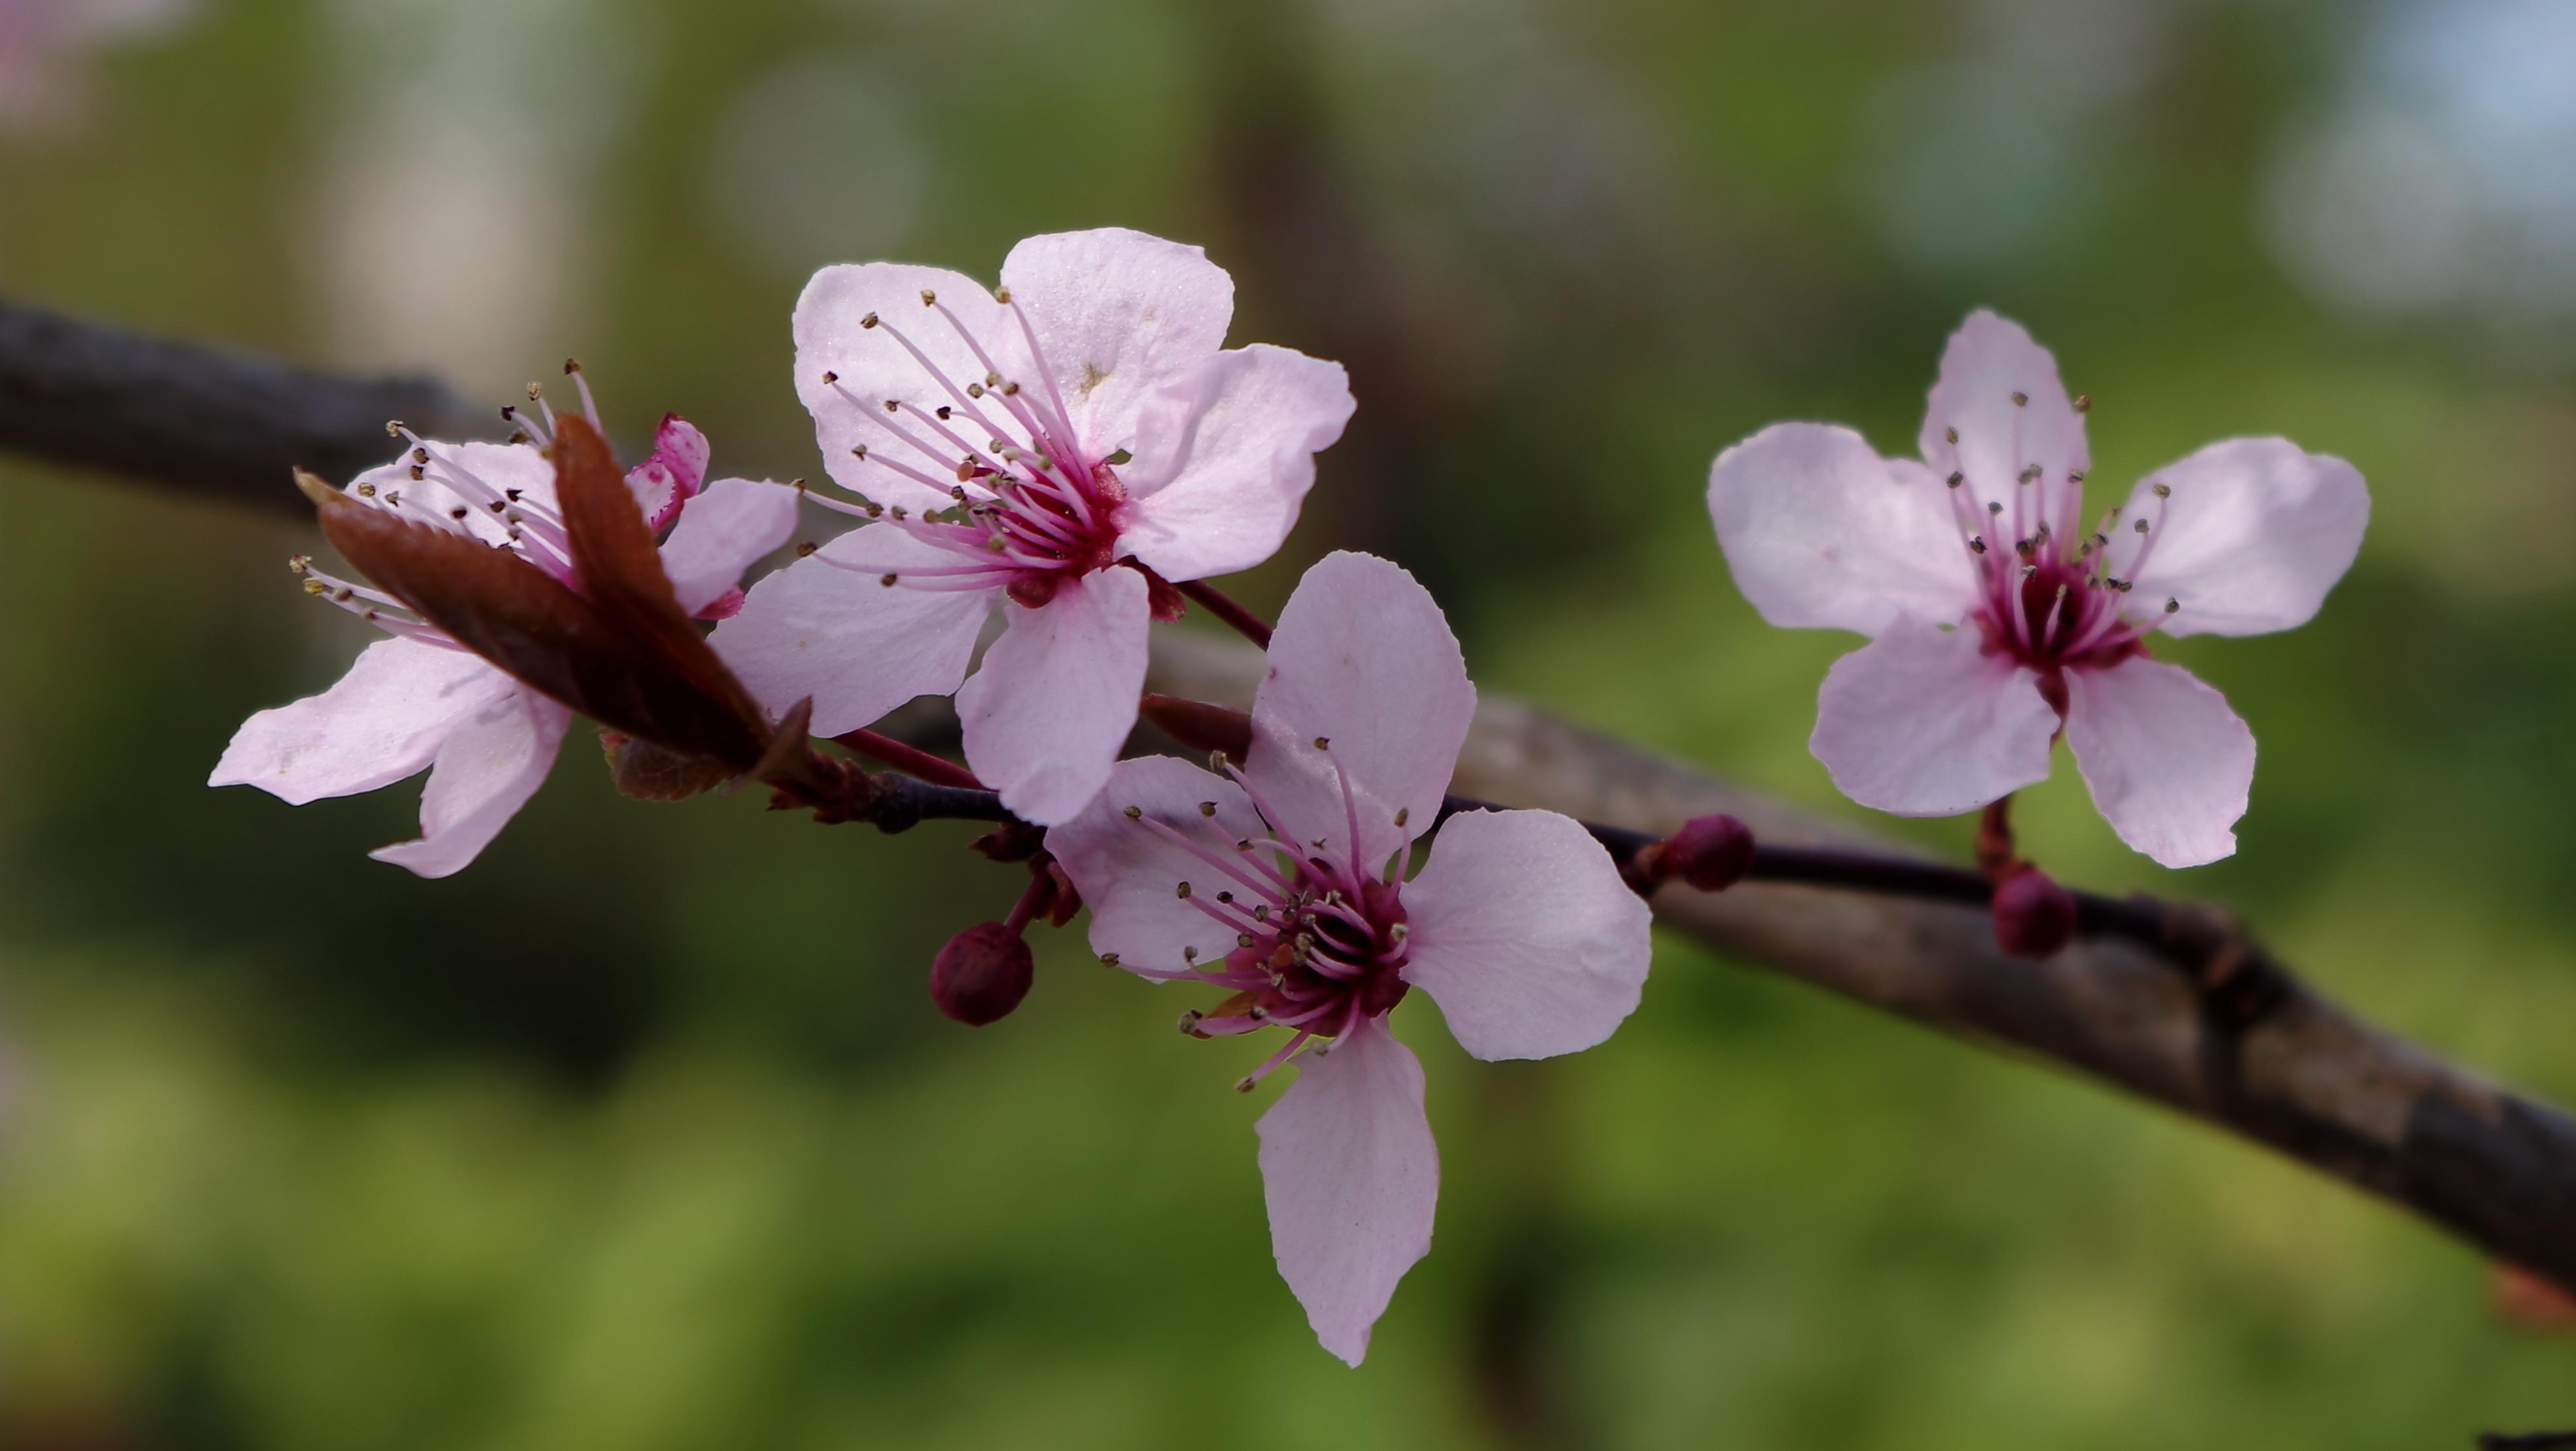 scenery spring pictures fleur printemps rose. Black Bedroom Furniture Sets. Home Design Ideas